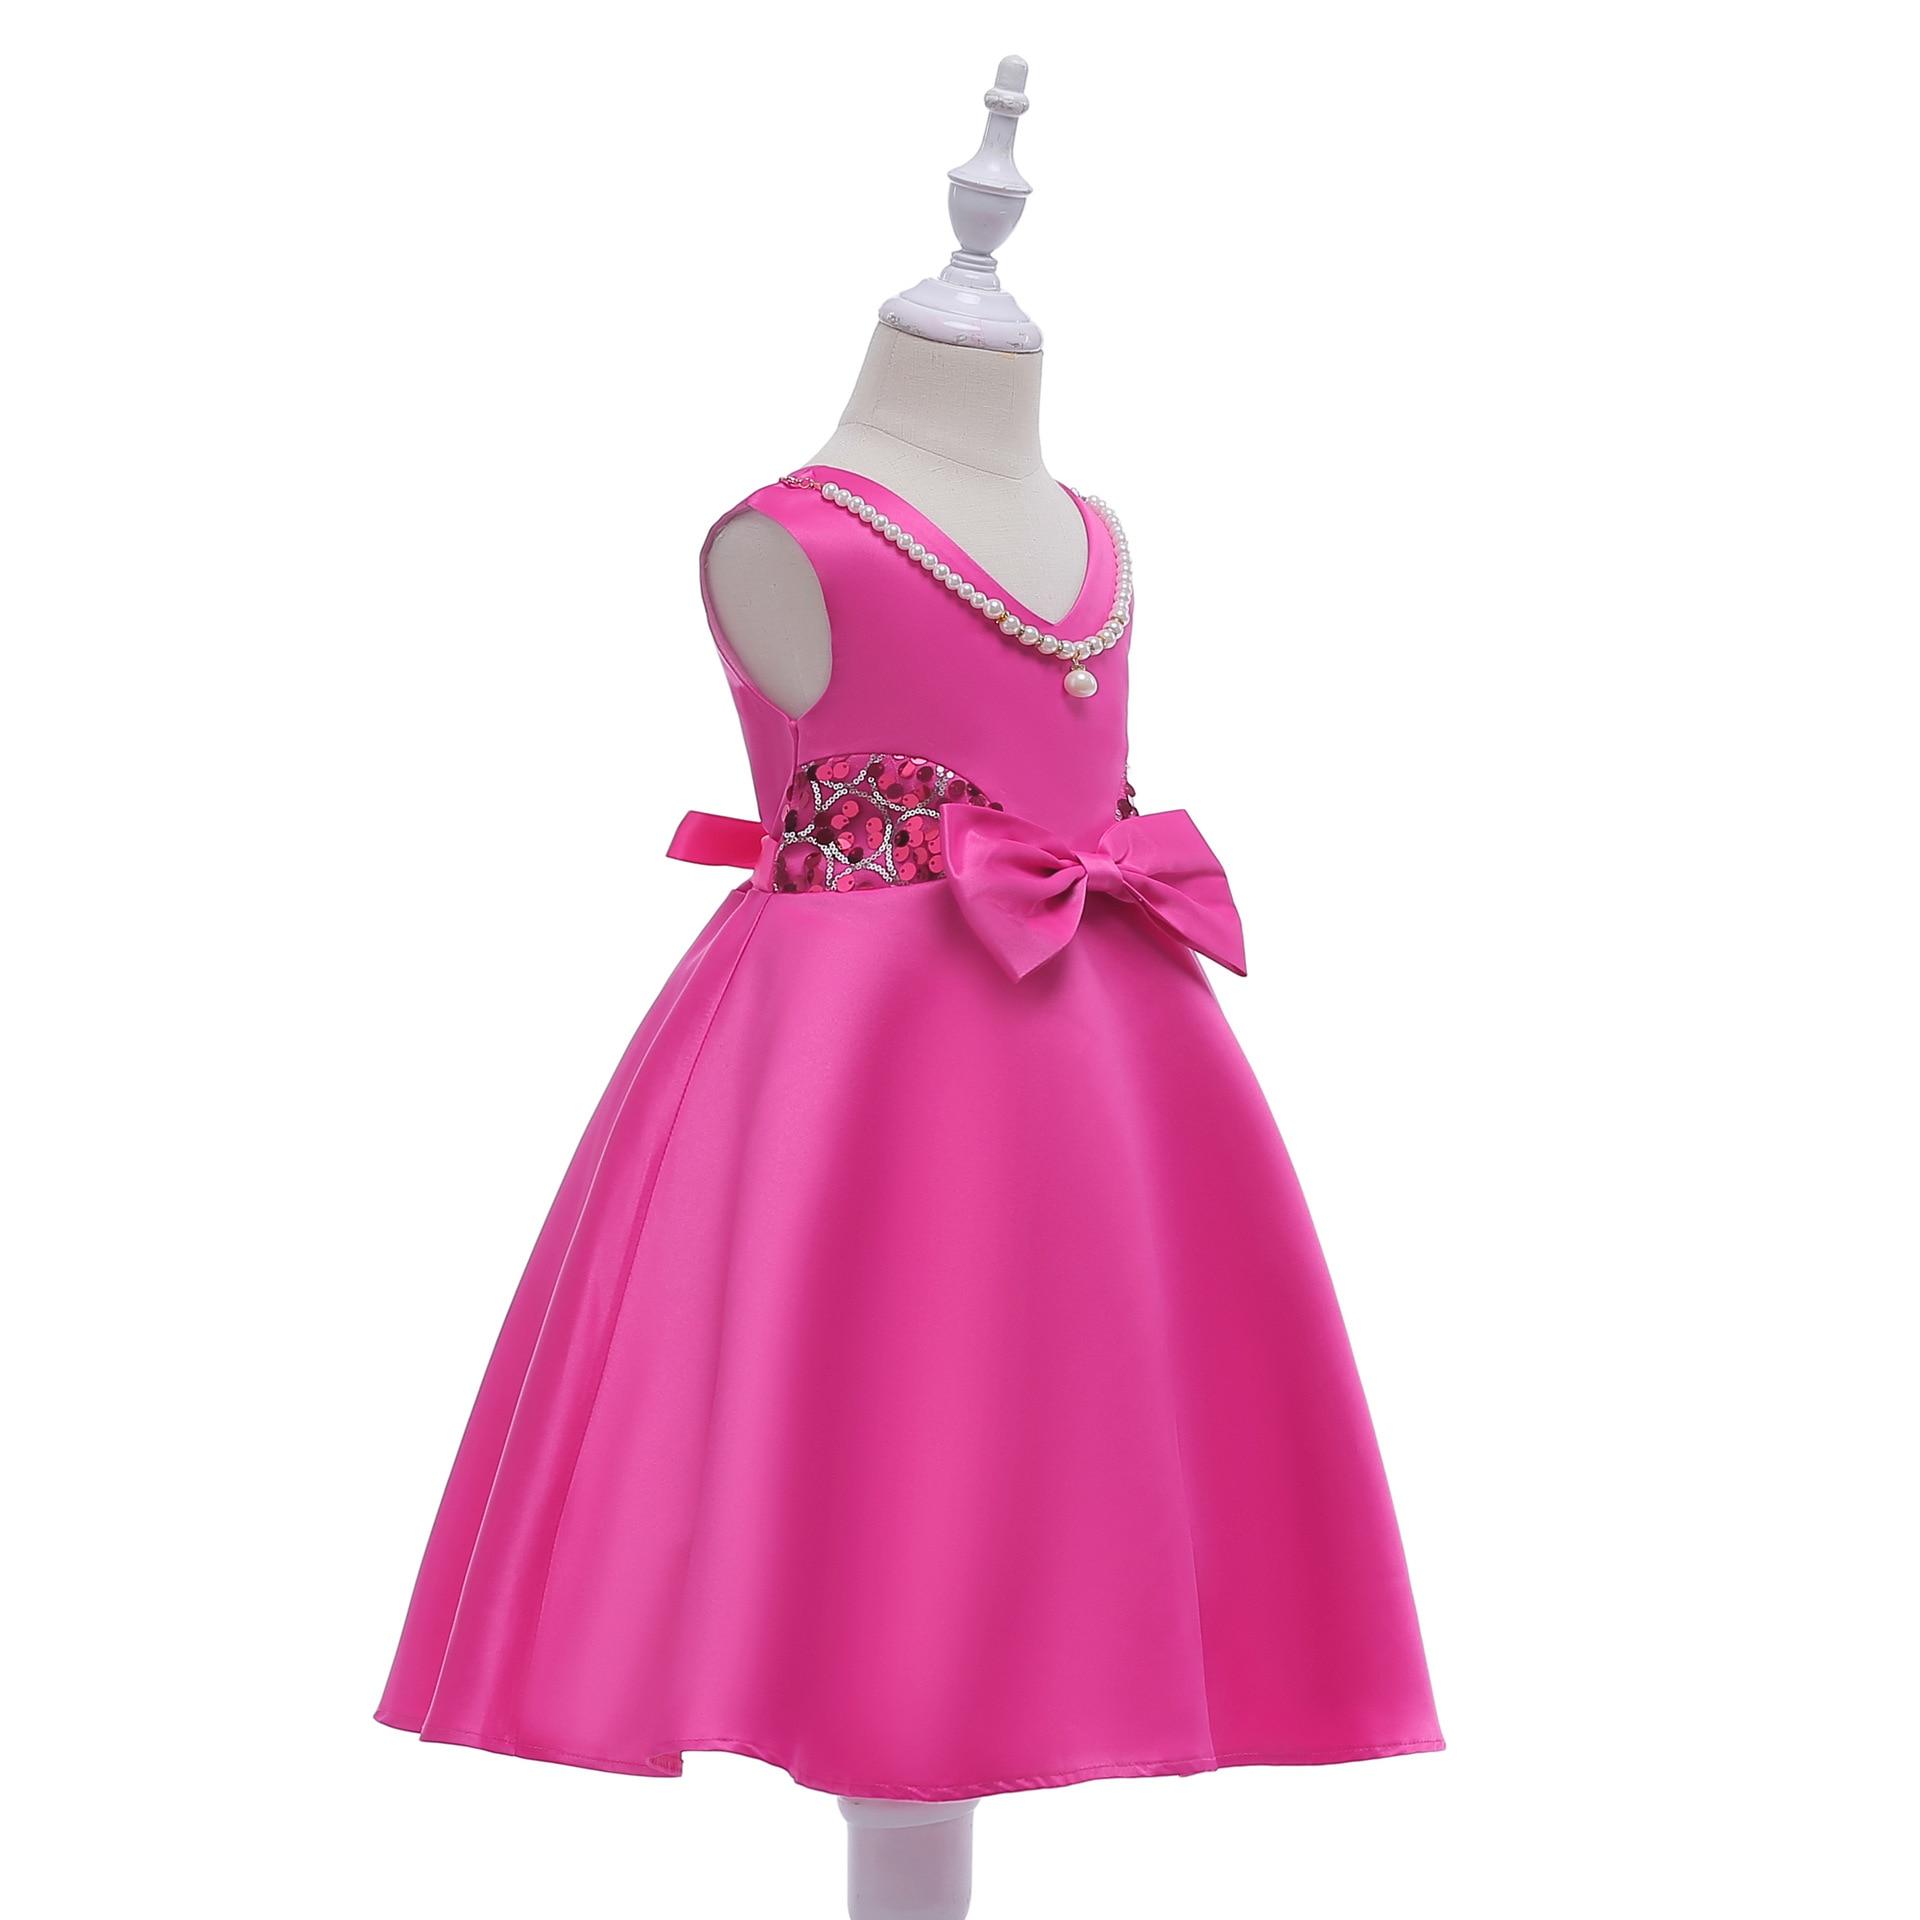 Hibyhoby 2018 nowa suknia balowa bez rękawów sukienka z cekinami - Ubrania dziecięce - Zdjęcie 4